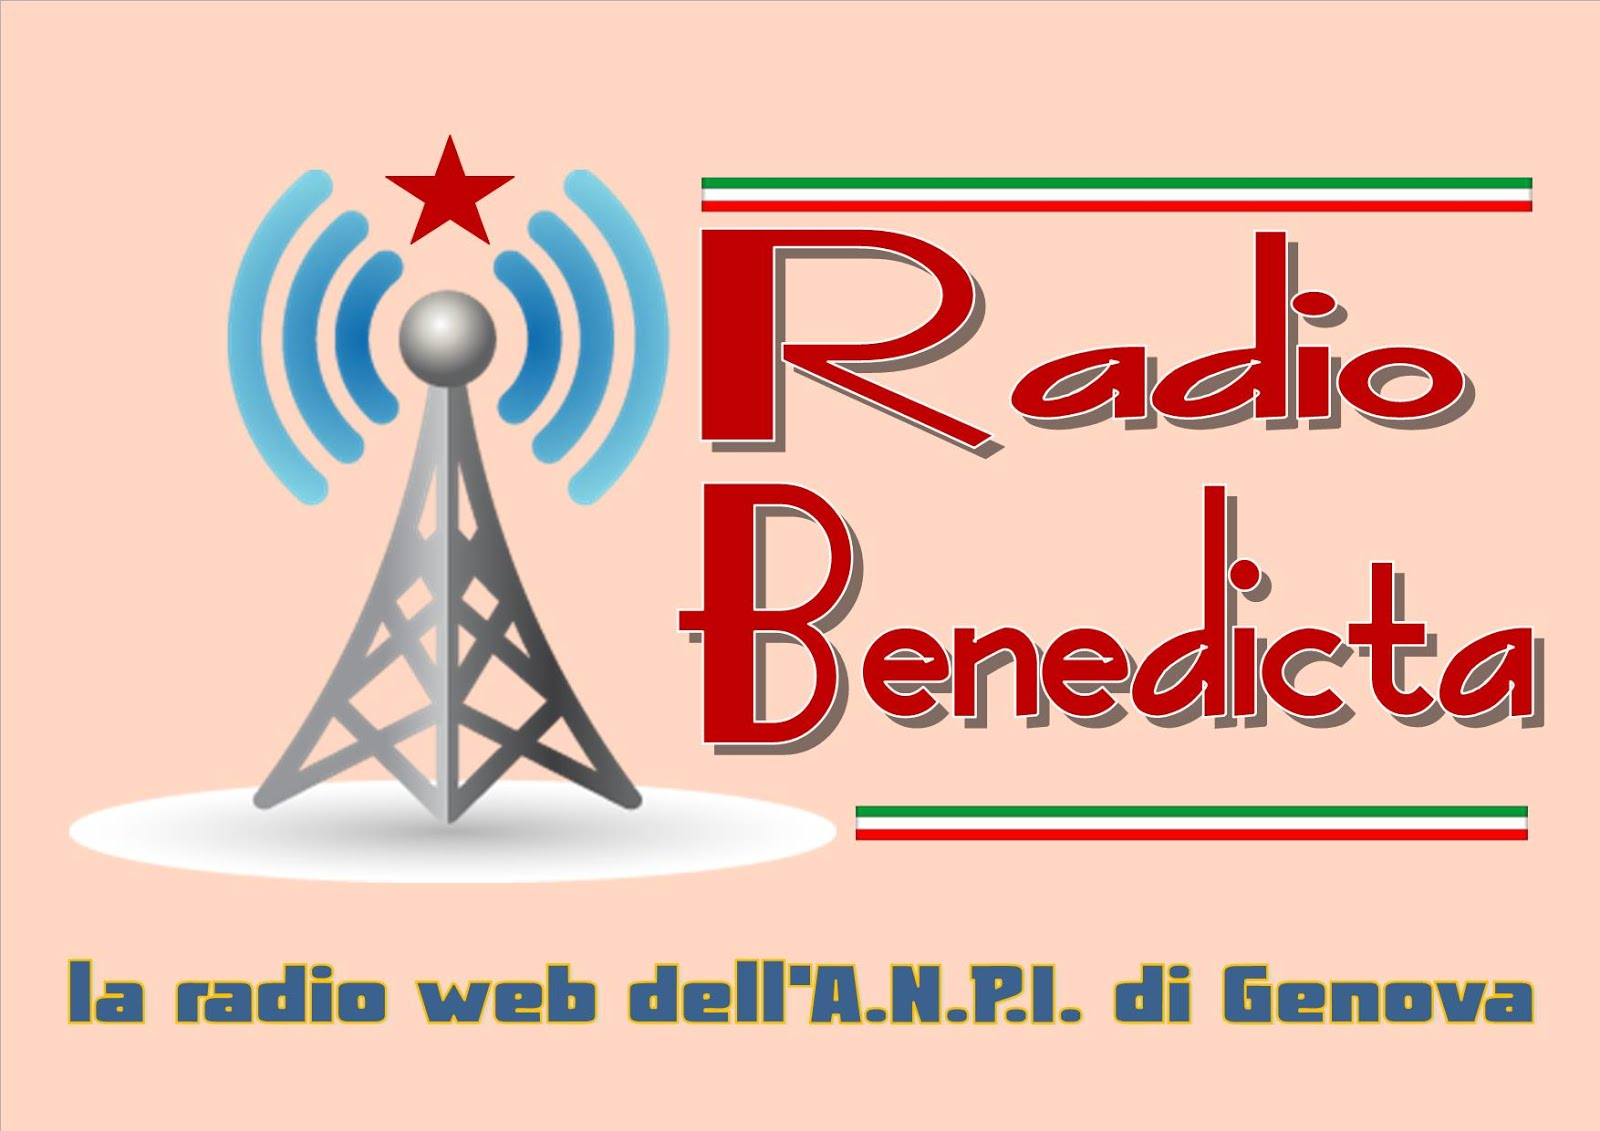 RADIO BENEDICTA